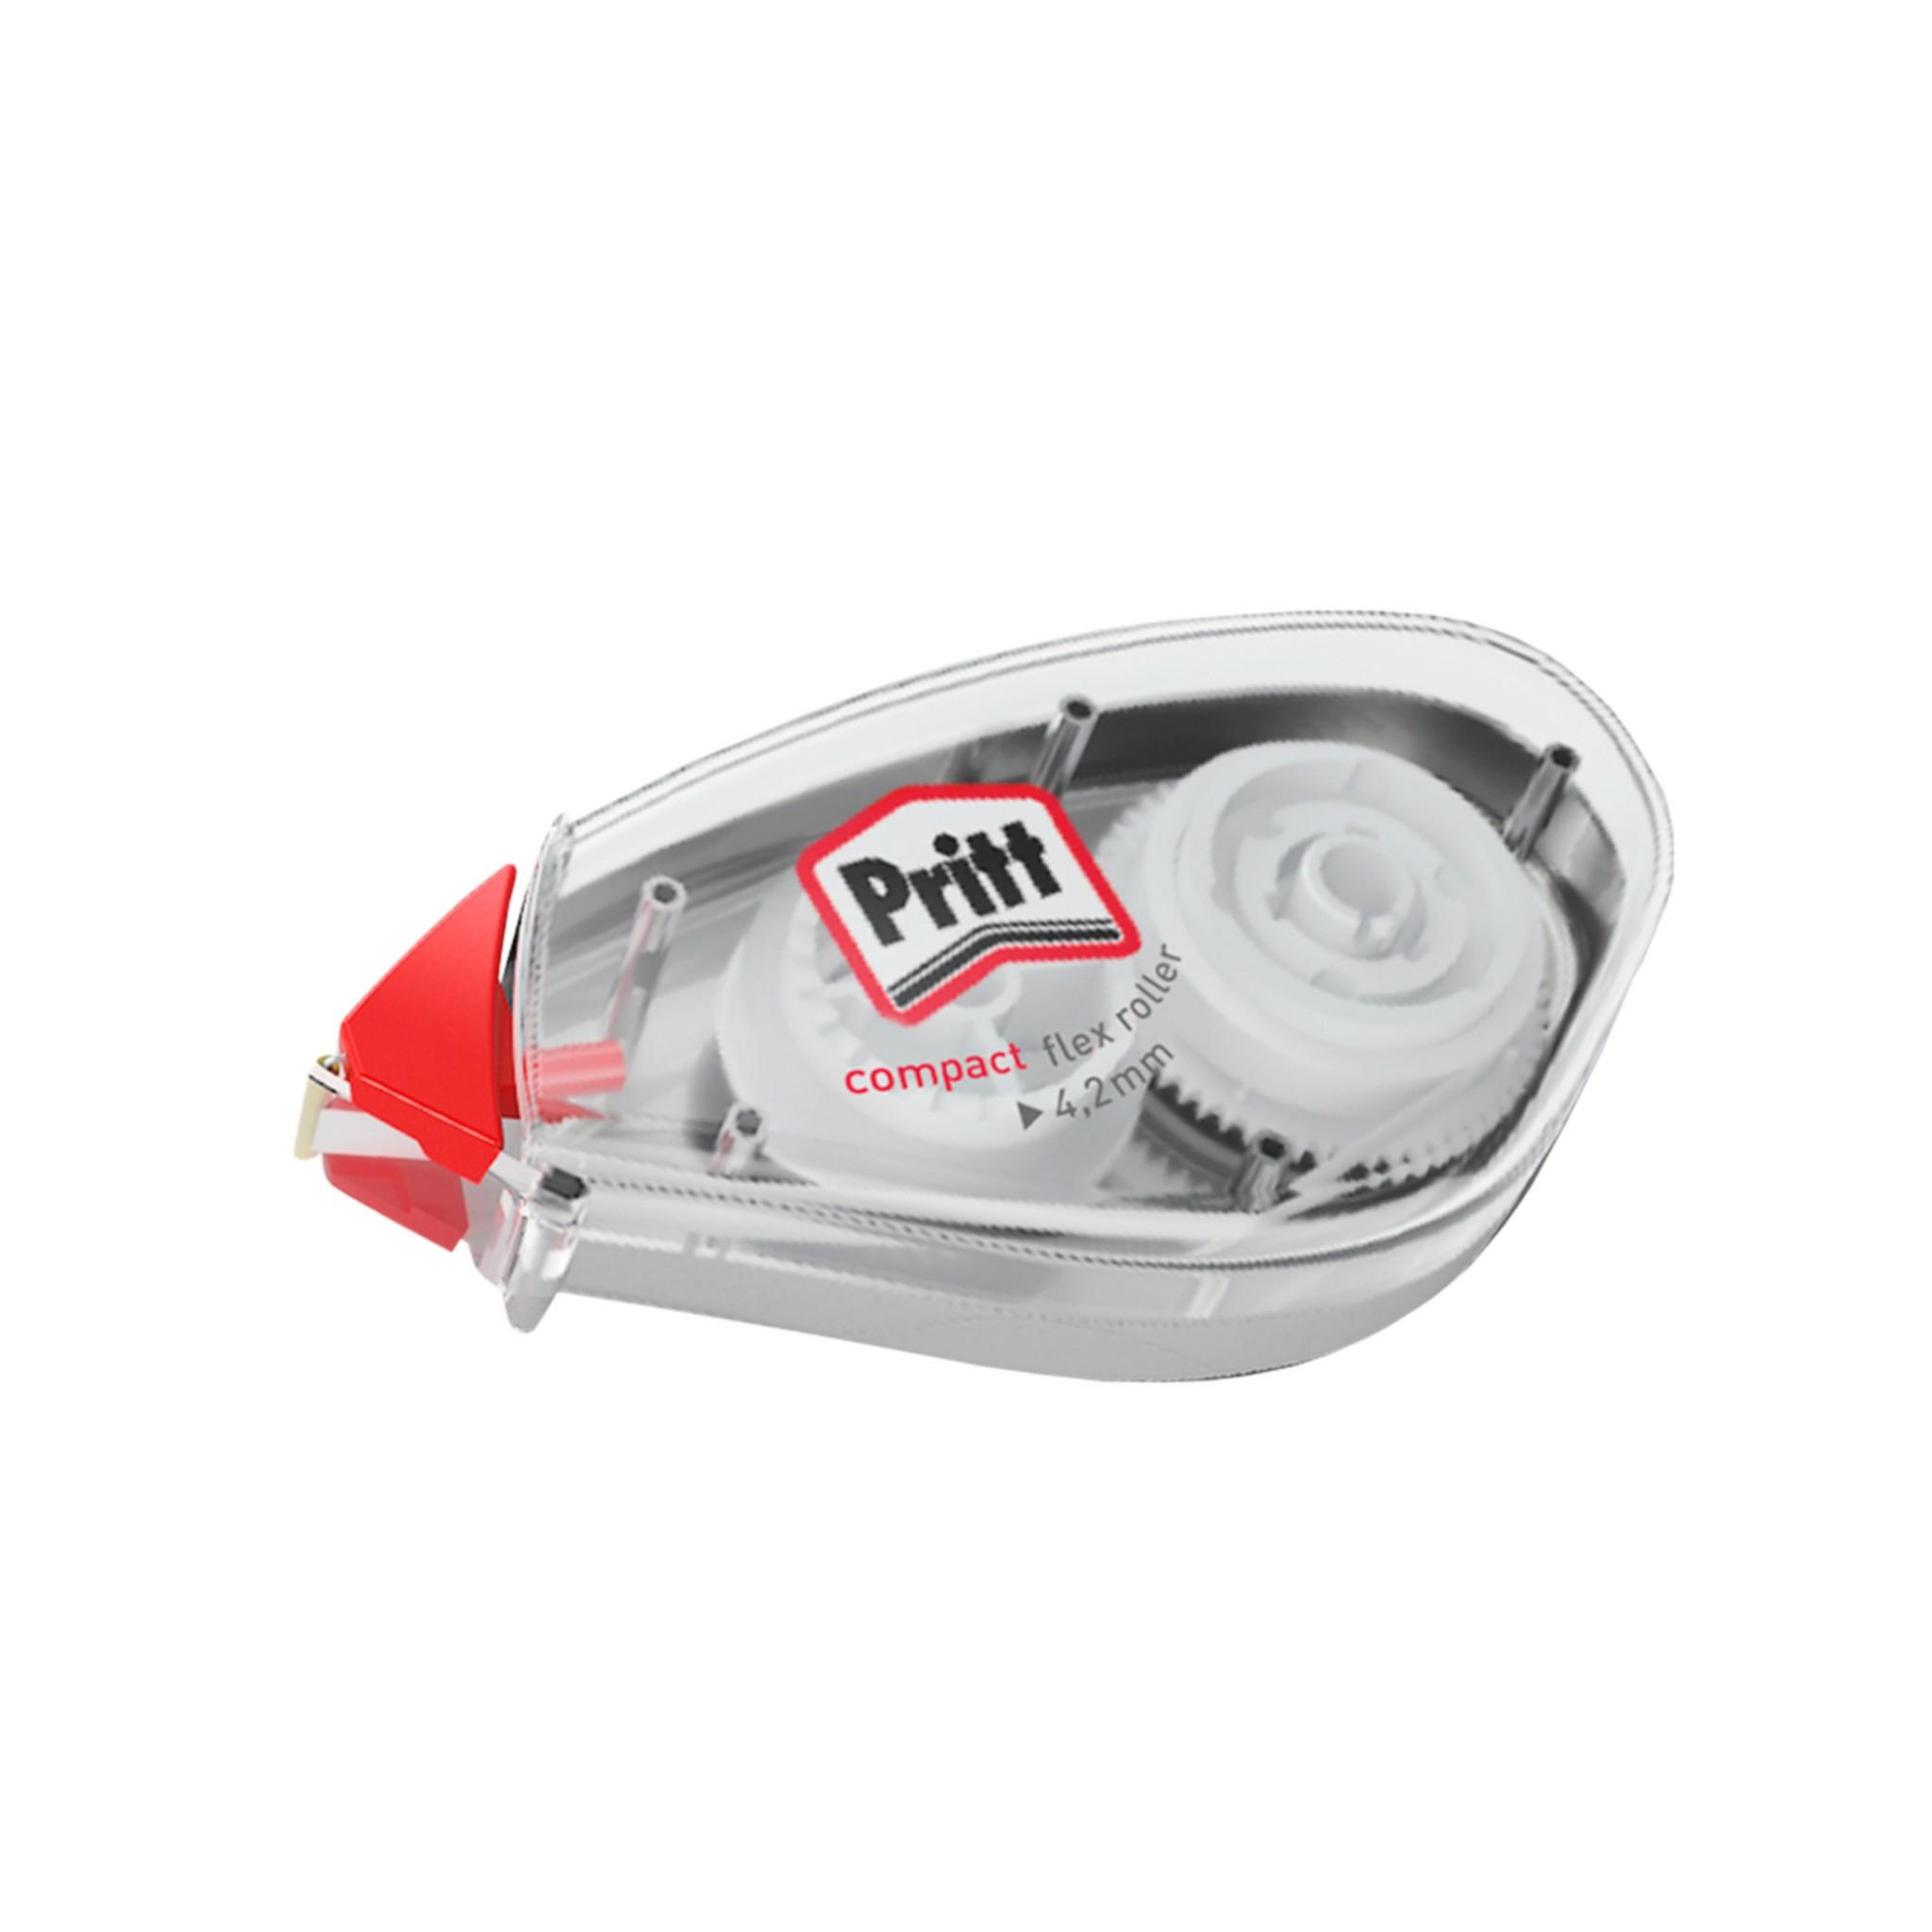 Pritt 990D - Compact flex - Korrekturroller - flexible Spitze